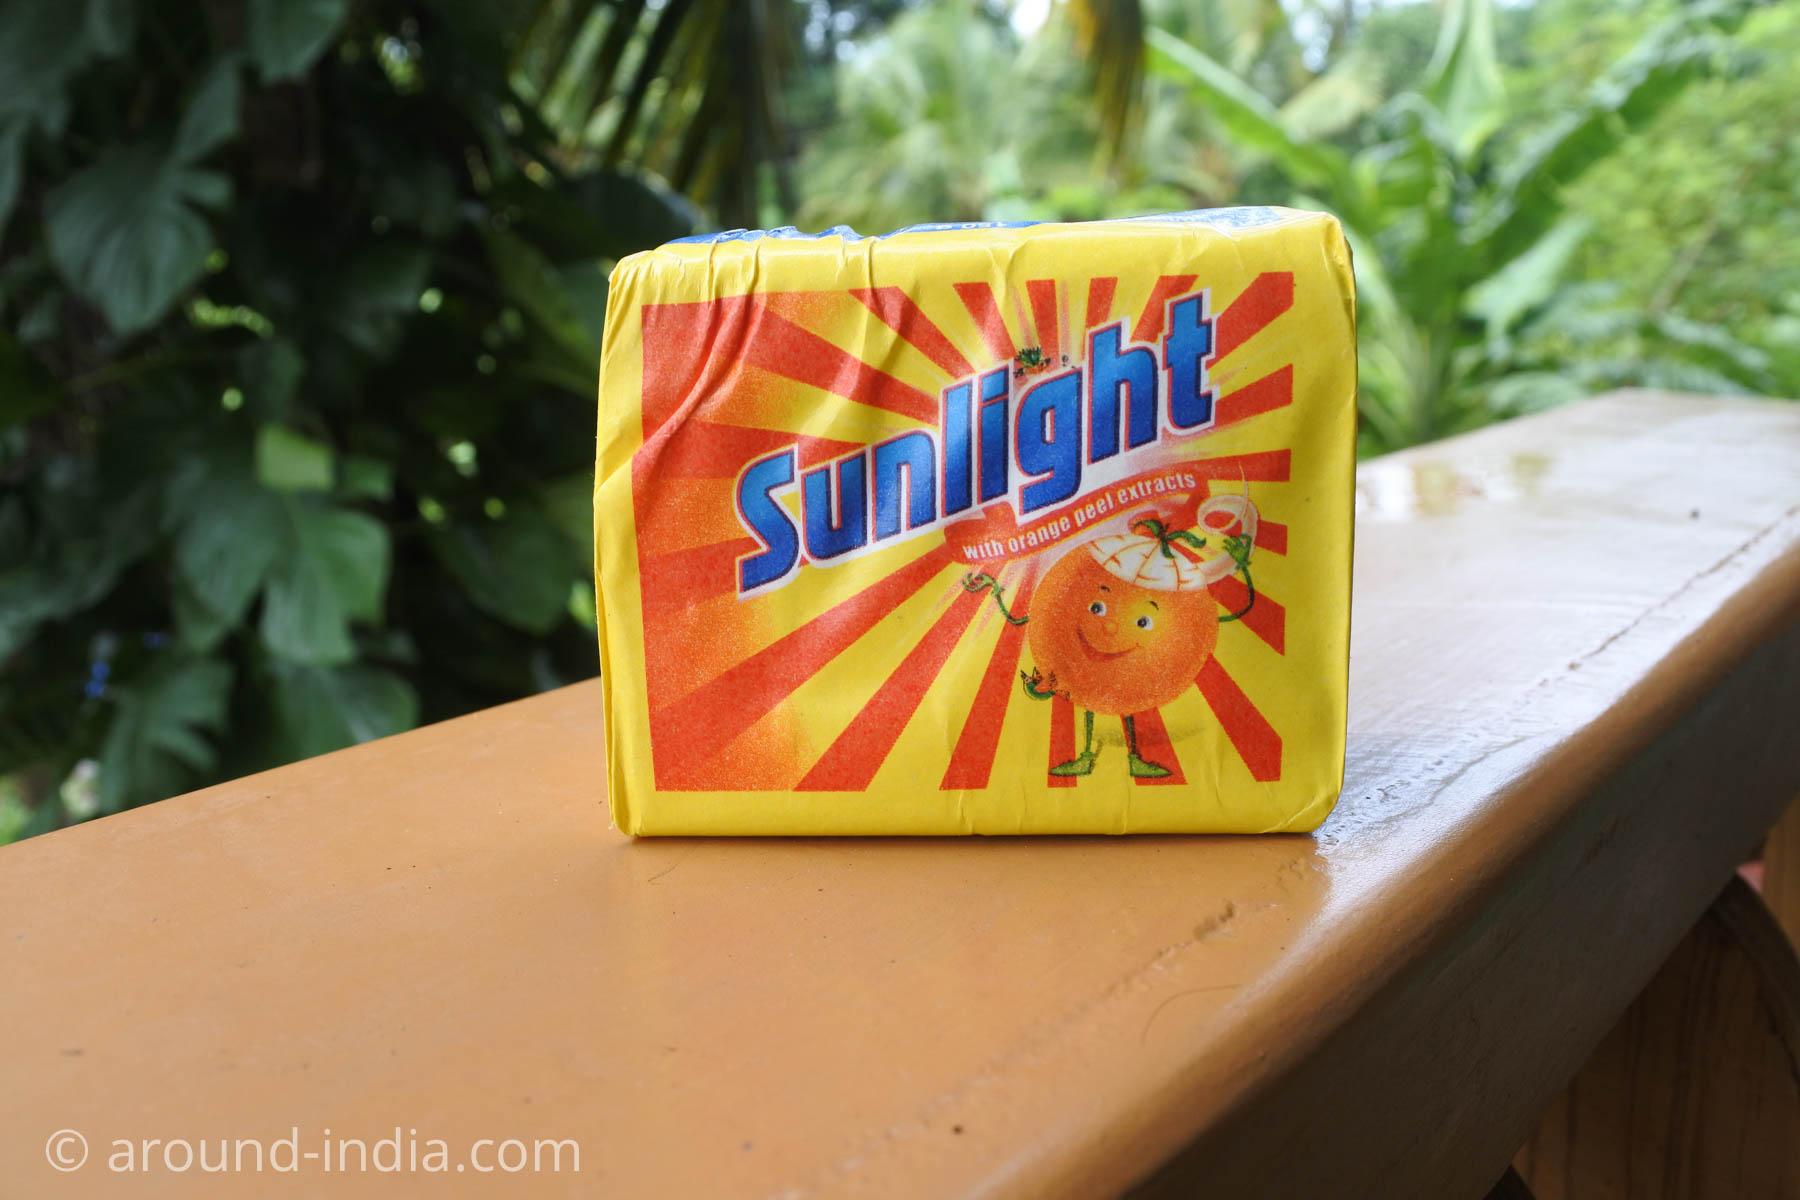 インドの洗濯石鹸 sunlight パッケージ2